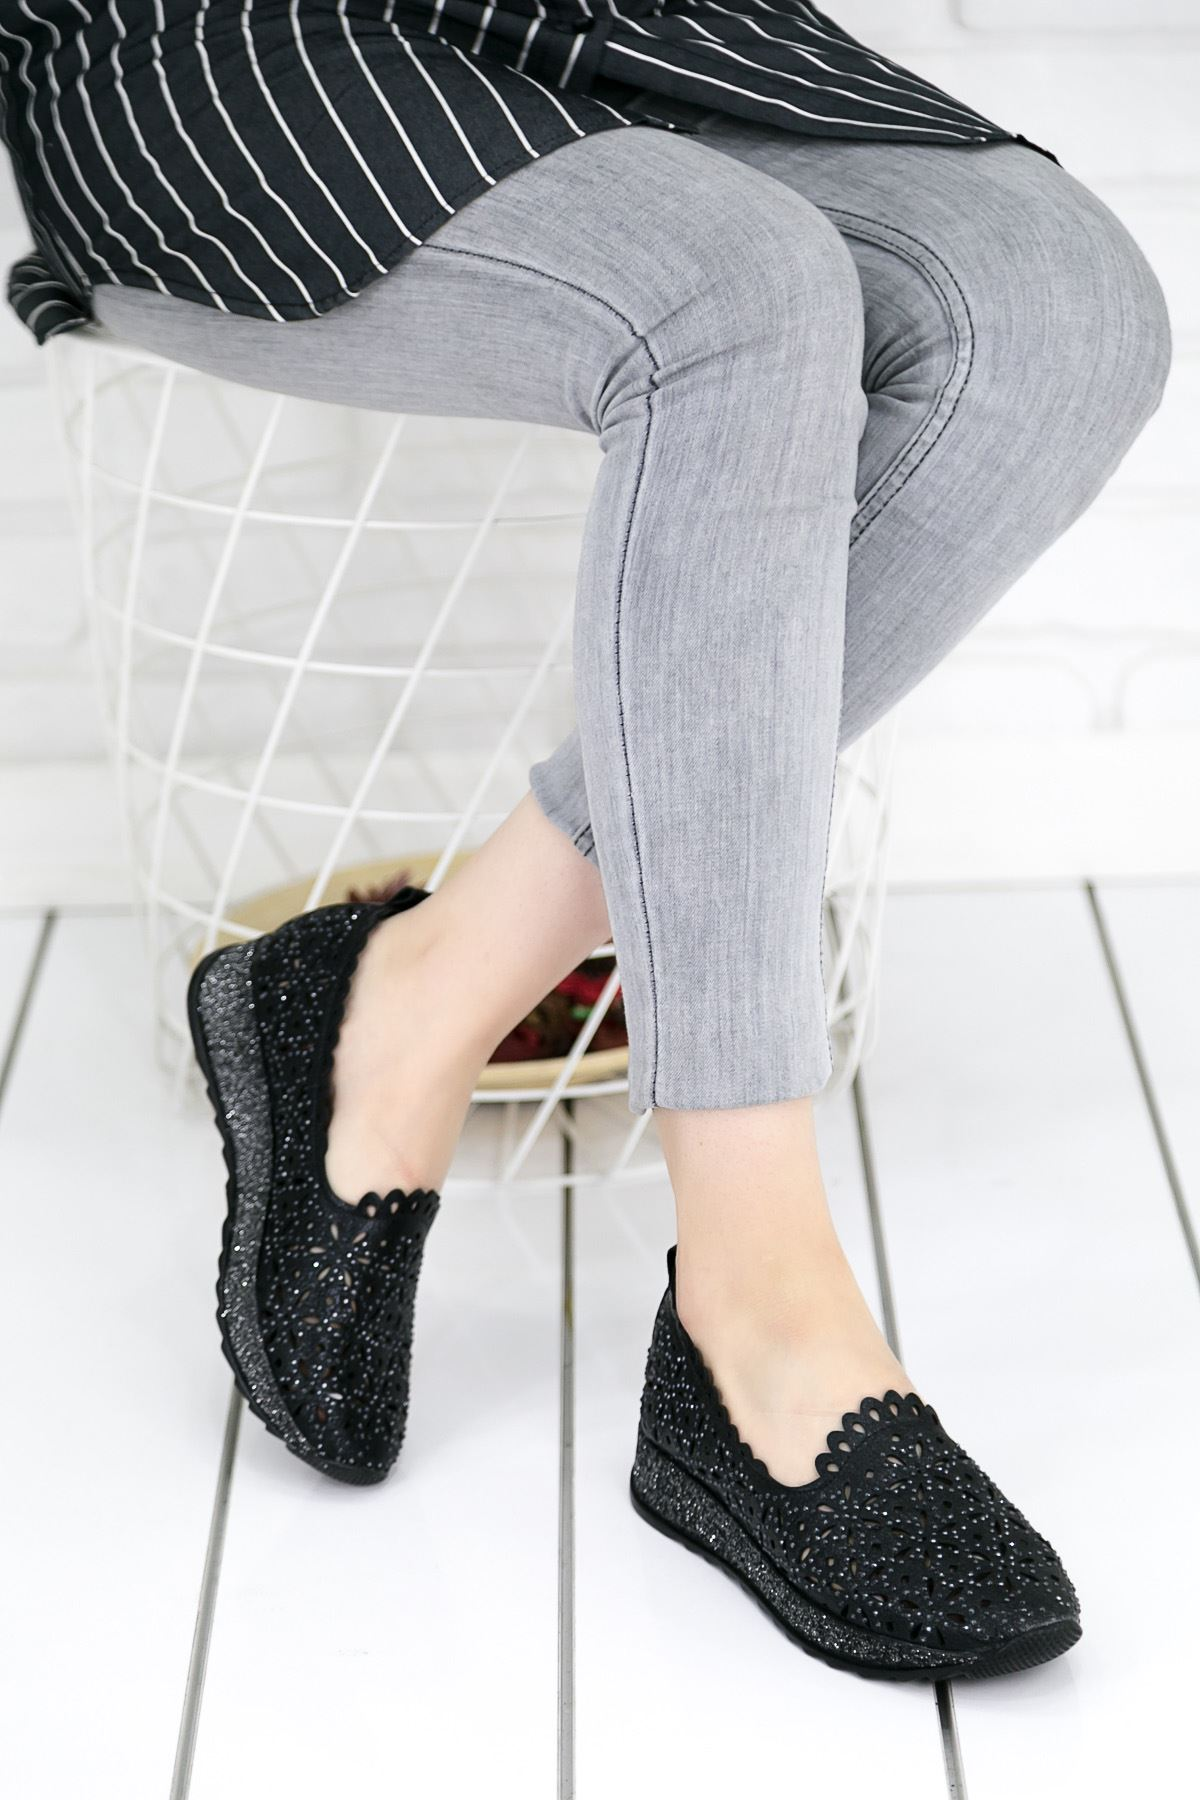 Rişad Siyah Delikli Ortopedik Bayan Spor Ayakkabısı